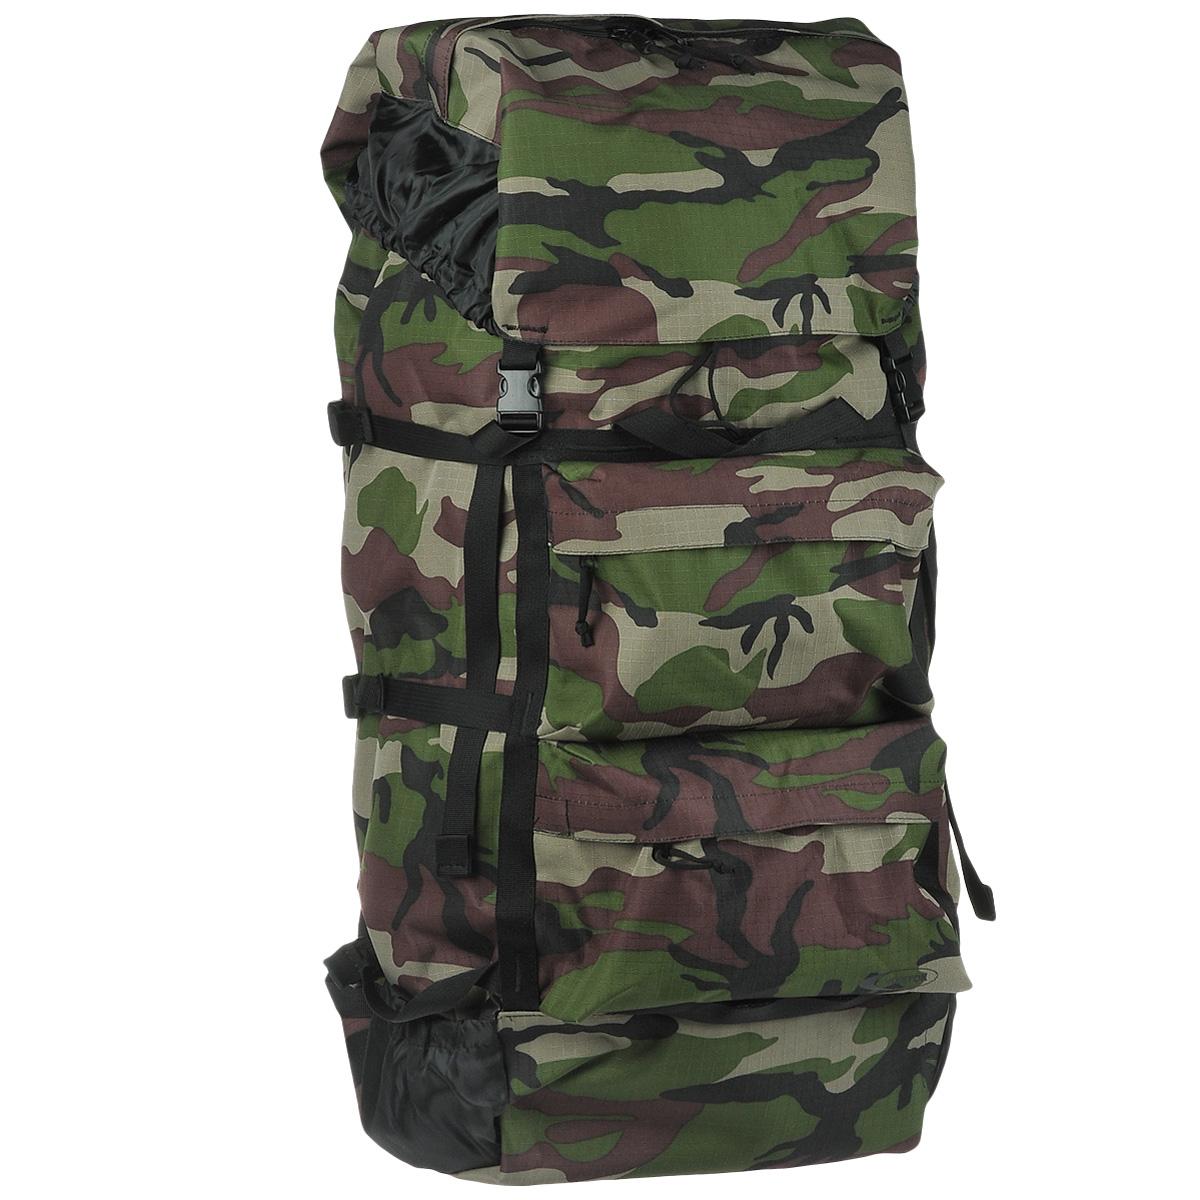 Рюкзак Huntsman Пикбастон, цвет: камуфляж, 100 л800801Huntsman Пикбастон - это мягкий вместительный рюкзак, предназначенный для походов разной категории сложности.Особенности рюкзака:Непромокаемое дноКорпус усилен стропами с шестью боковыми стяжкамиВпереди два кармана на молнии под клапаномС боков маленькие открытые карманы для мелочейВнутри регулируемые лямки со стяжкой и спинка уплотнены вспененным полиэтиленомСверху высокий фартук из капрона, увеличивающий объёмВерх рюкзака и фартук стягиваются шнуром с фиксатором и закрываются клапаном с карманом на молнии на две защёлкиРучка для переноски рюкзака.